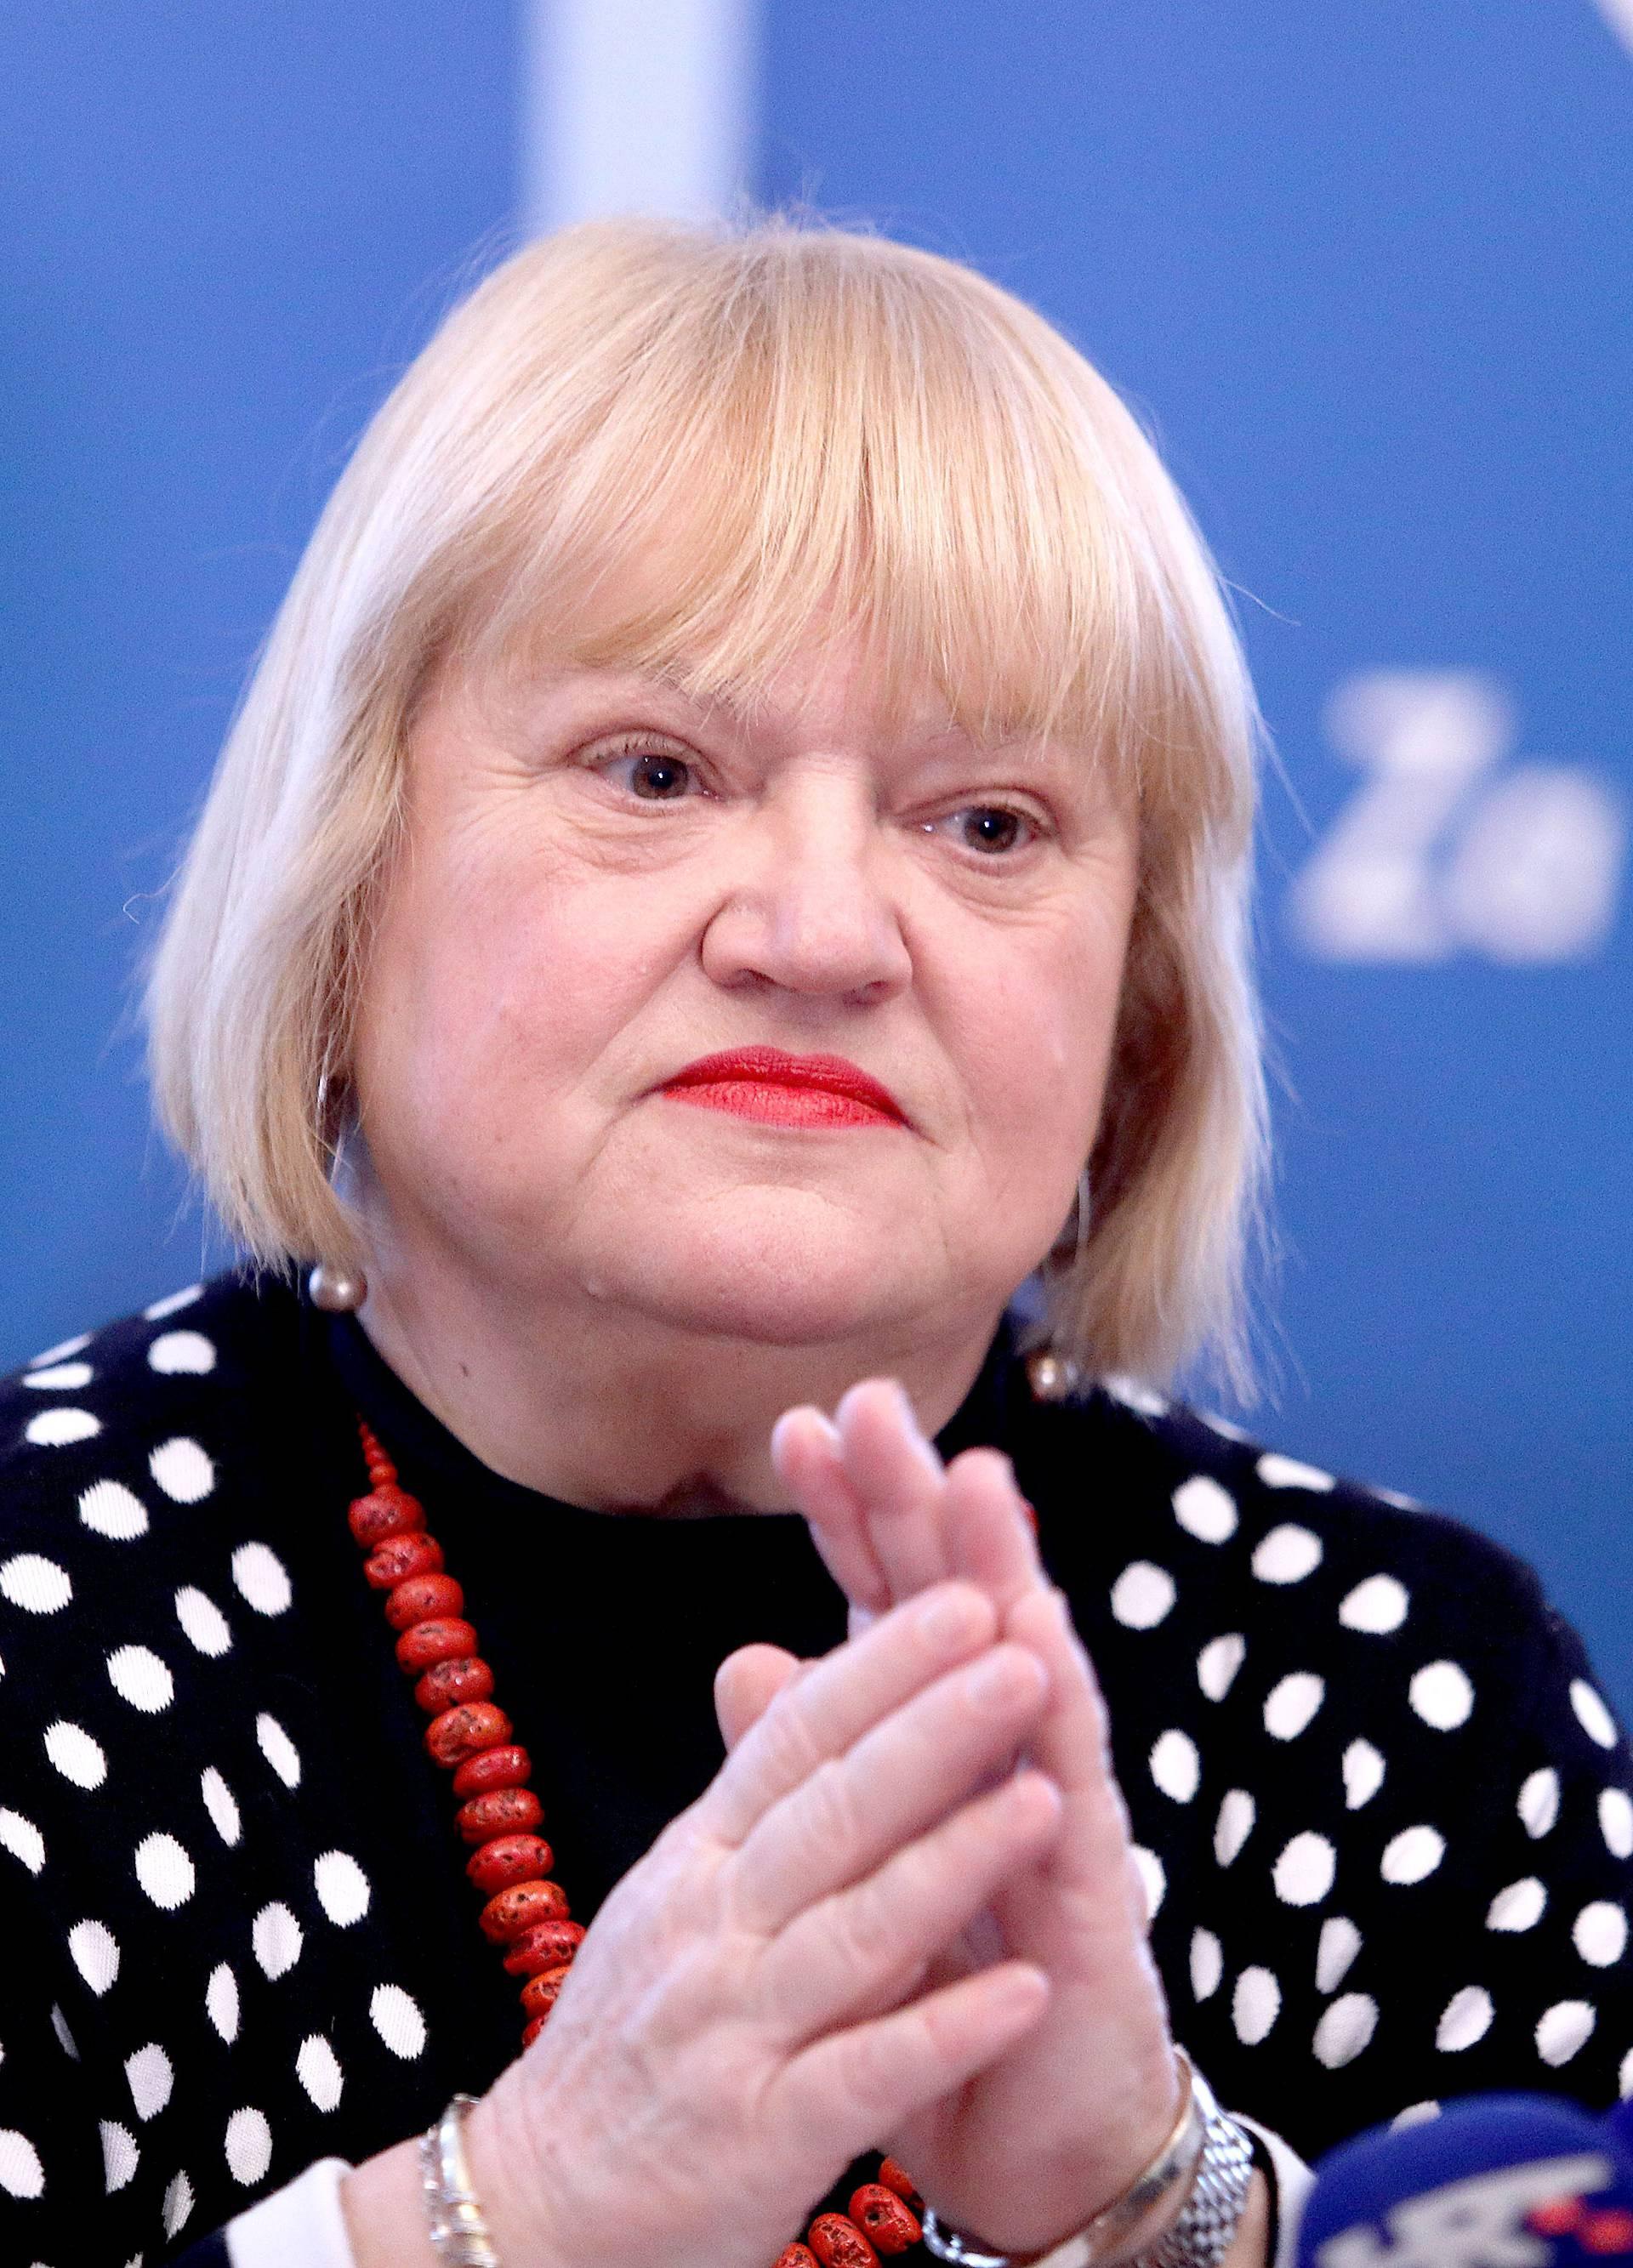 'Novi izbori samo ako premijer bude htio pospremiti u HDZ-u'